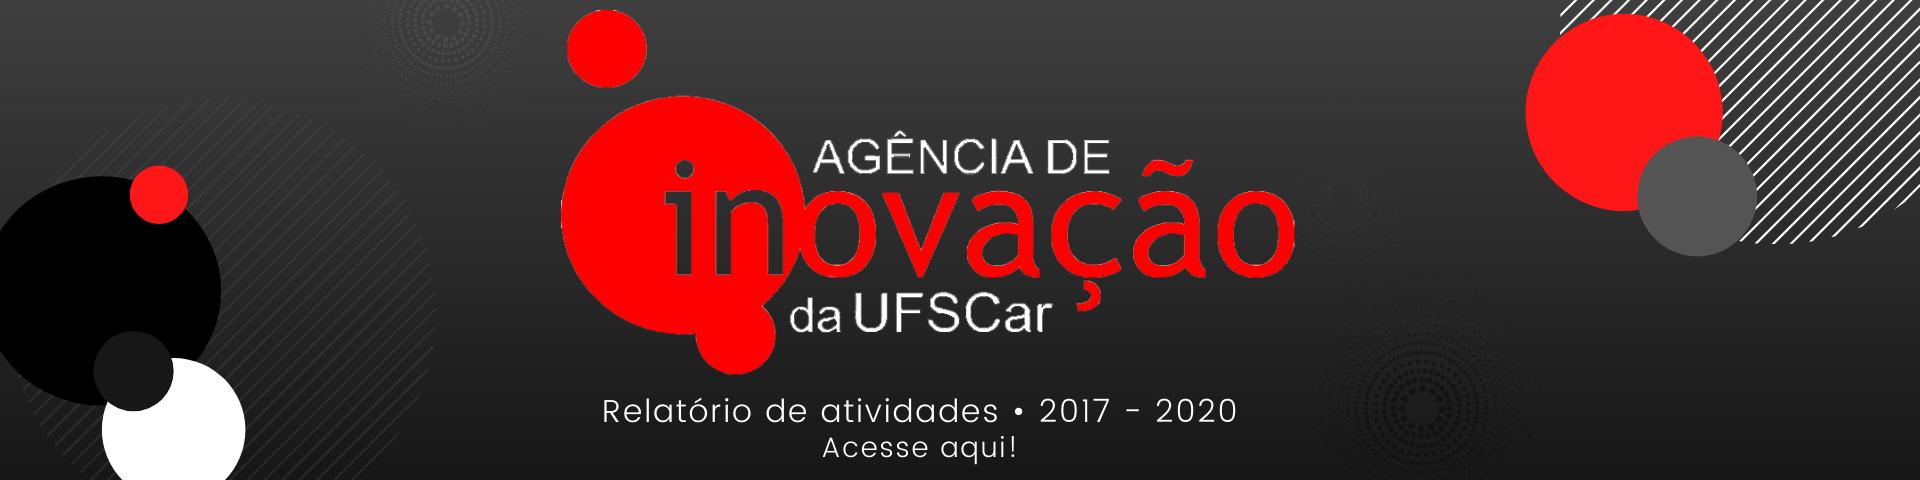 Agência de Inovação da UFSCar divulga Relatório de Atividades 2017-2020